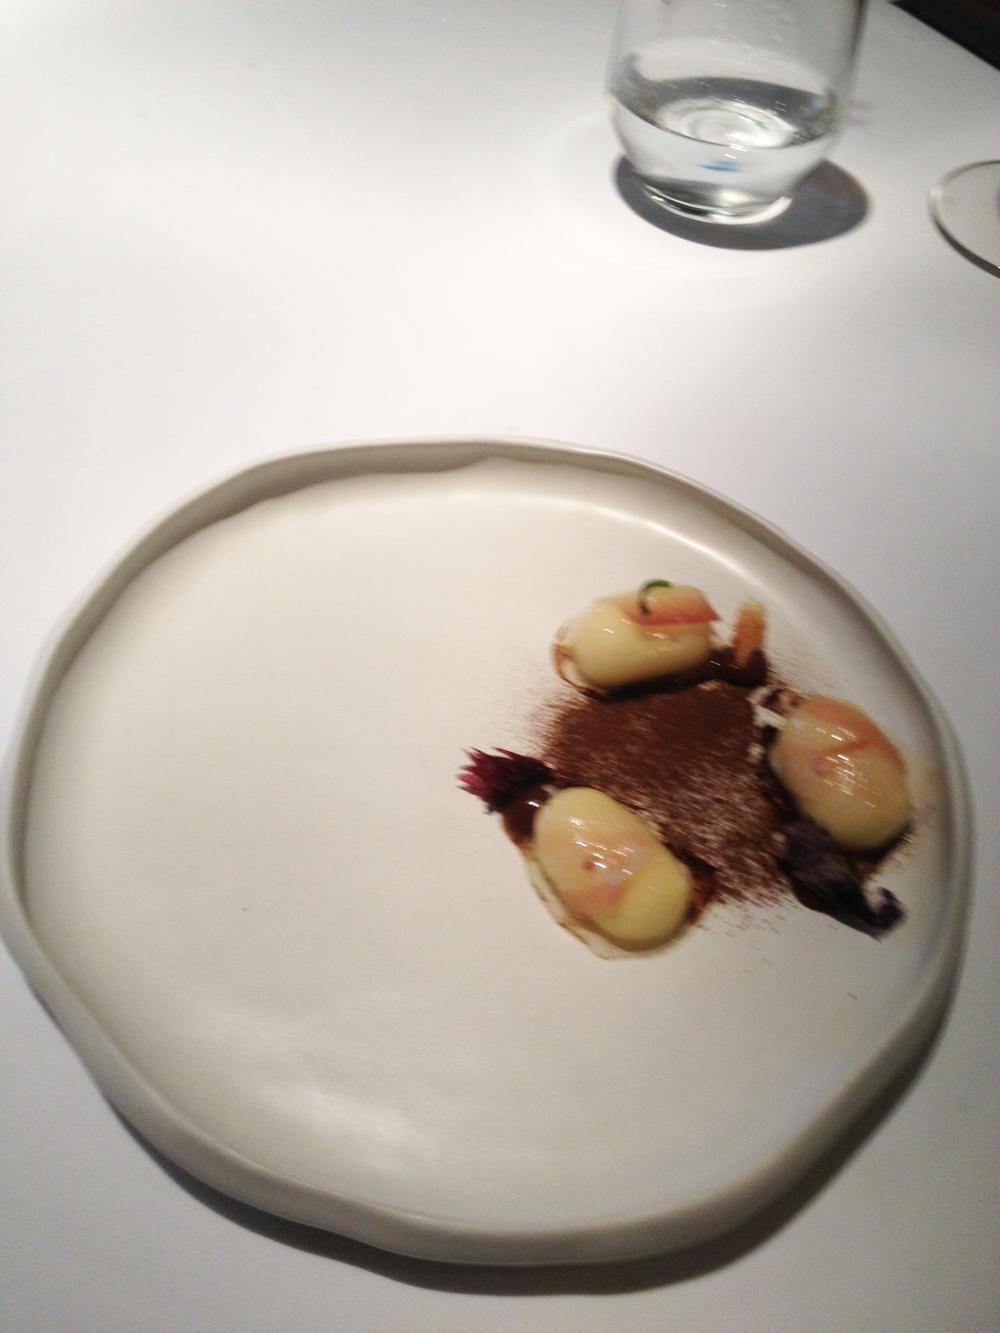 Ñoquis de papa amarilla, lardo, hongos y huacatay, el tercer plato de El triunfo.